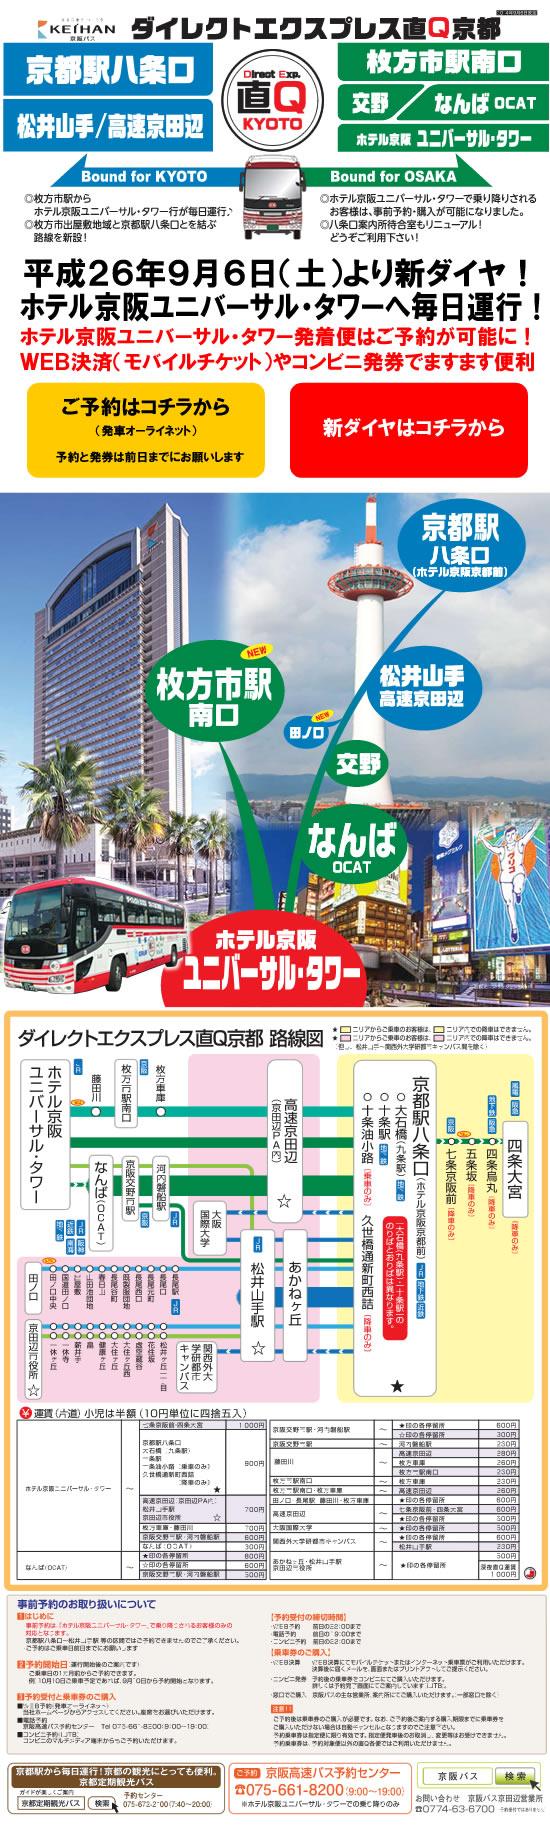 直通急行バス 路線の案内:高速バス:京阪バス株式会社